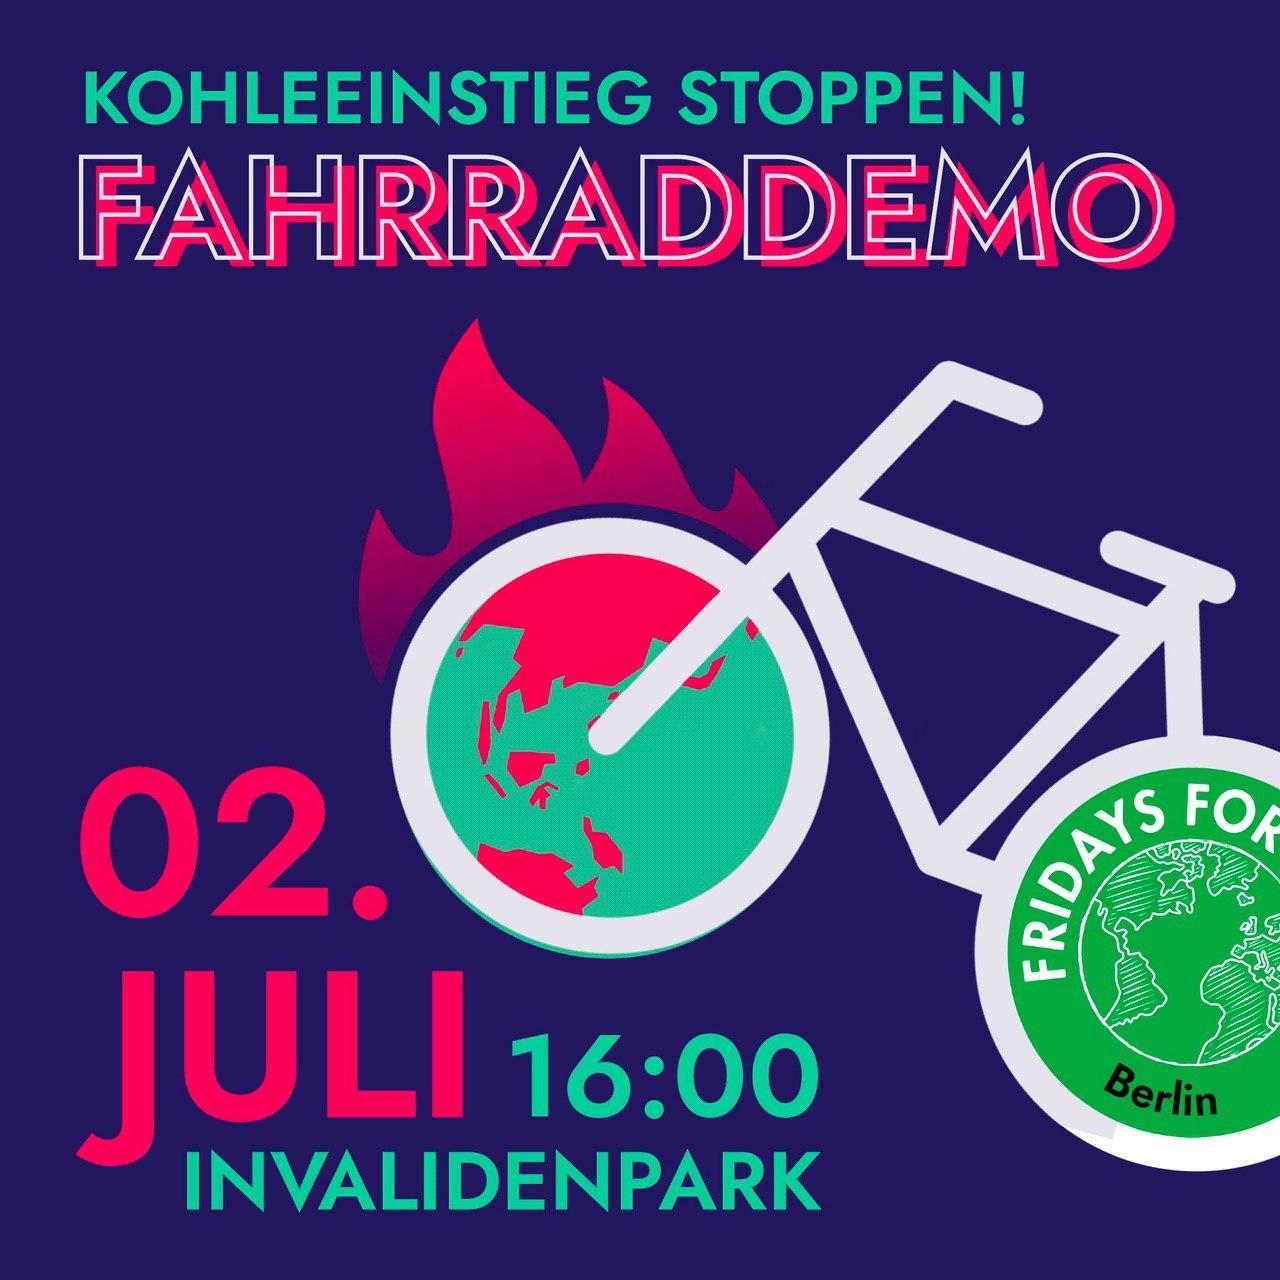 Kohleeinstieg stoppen! Fahrraddemo